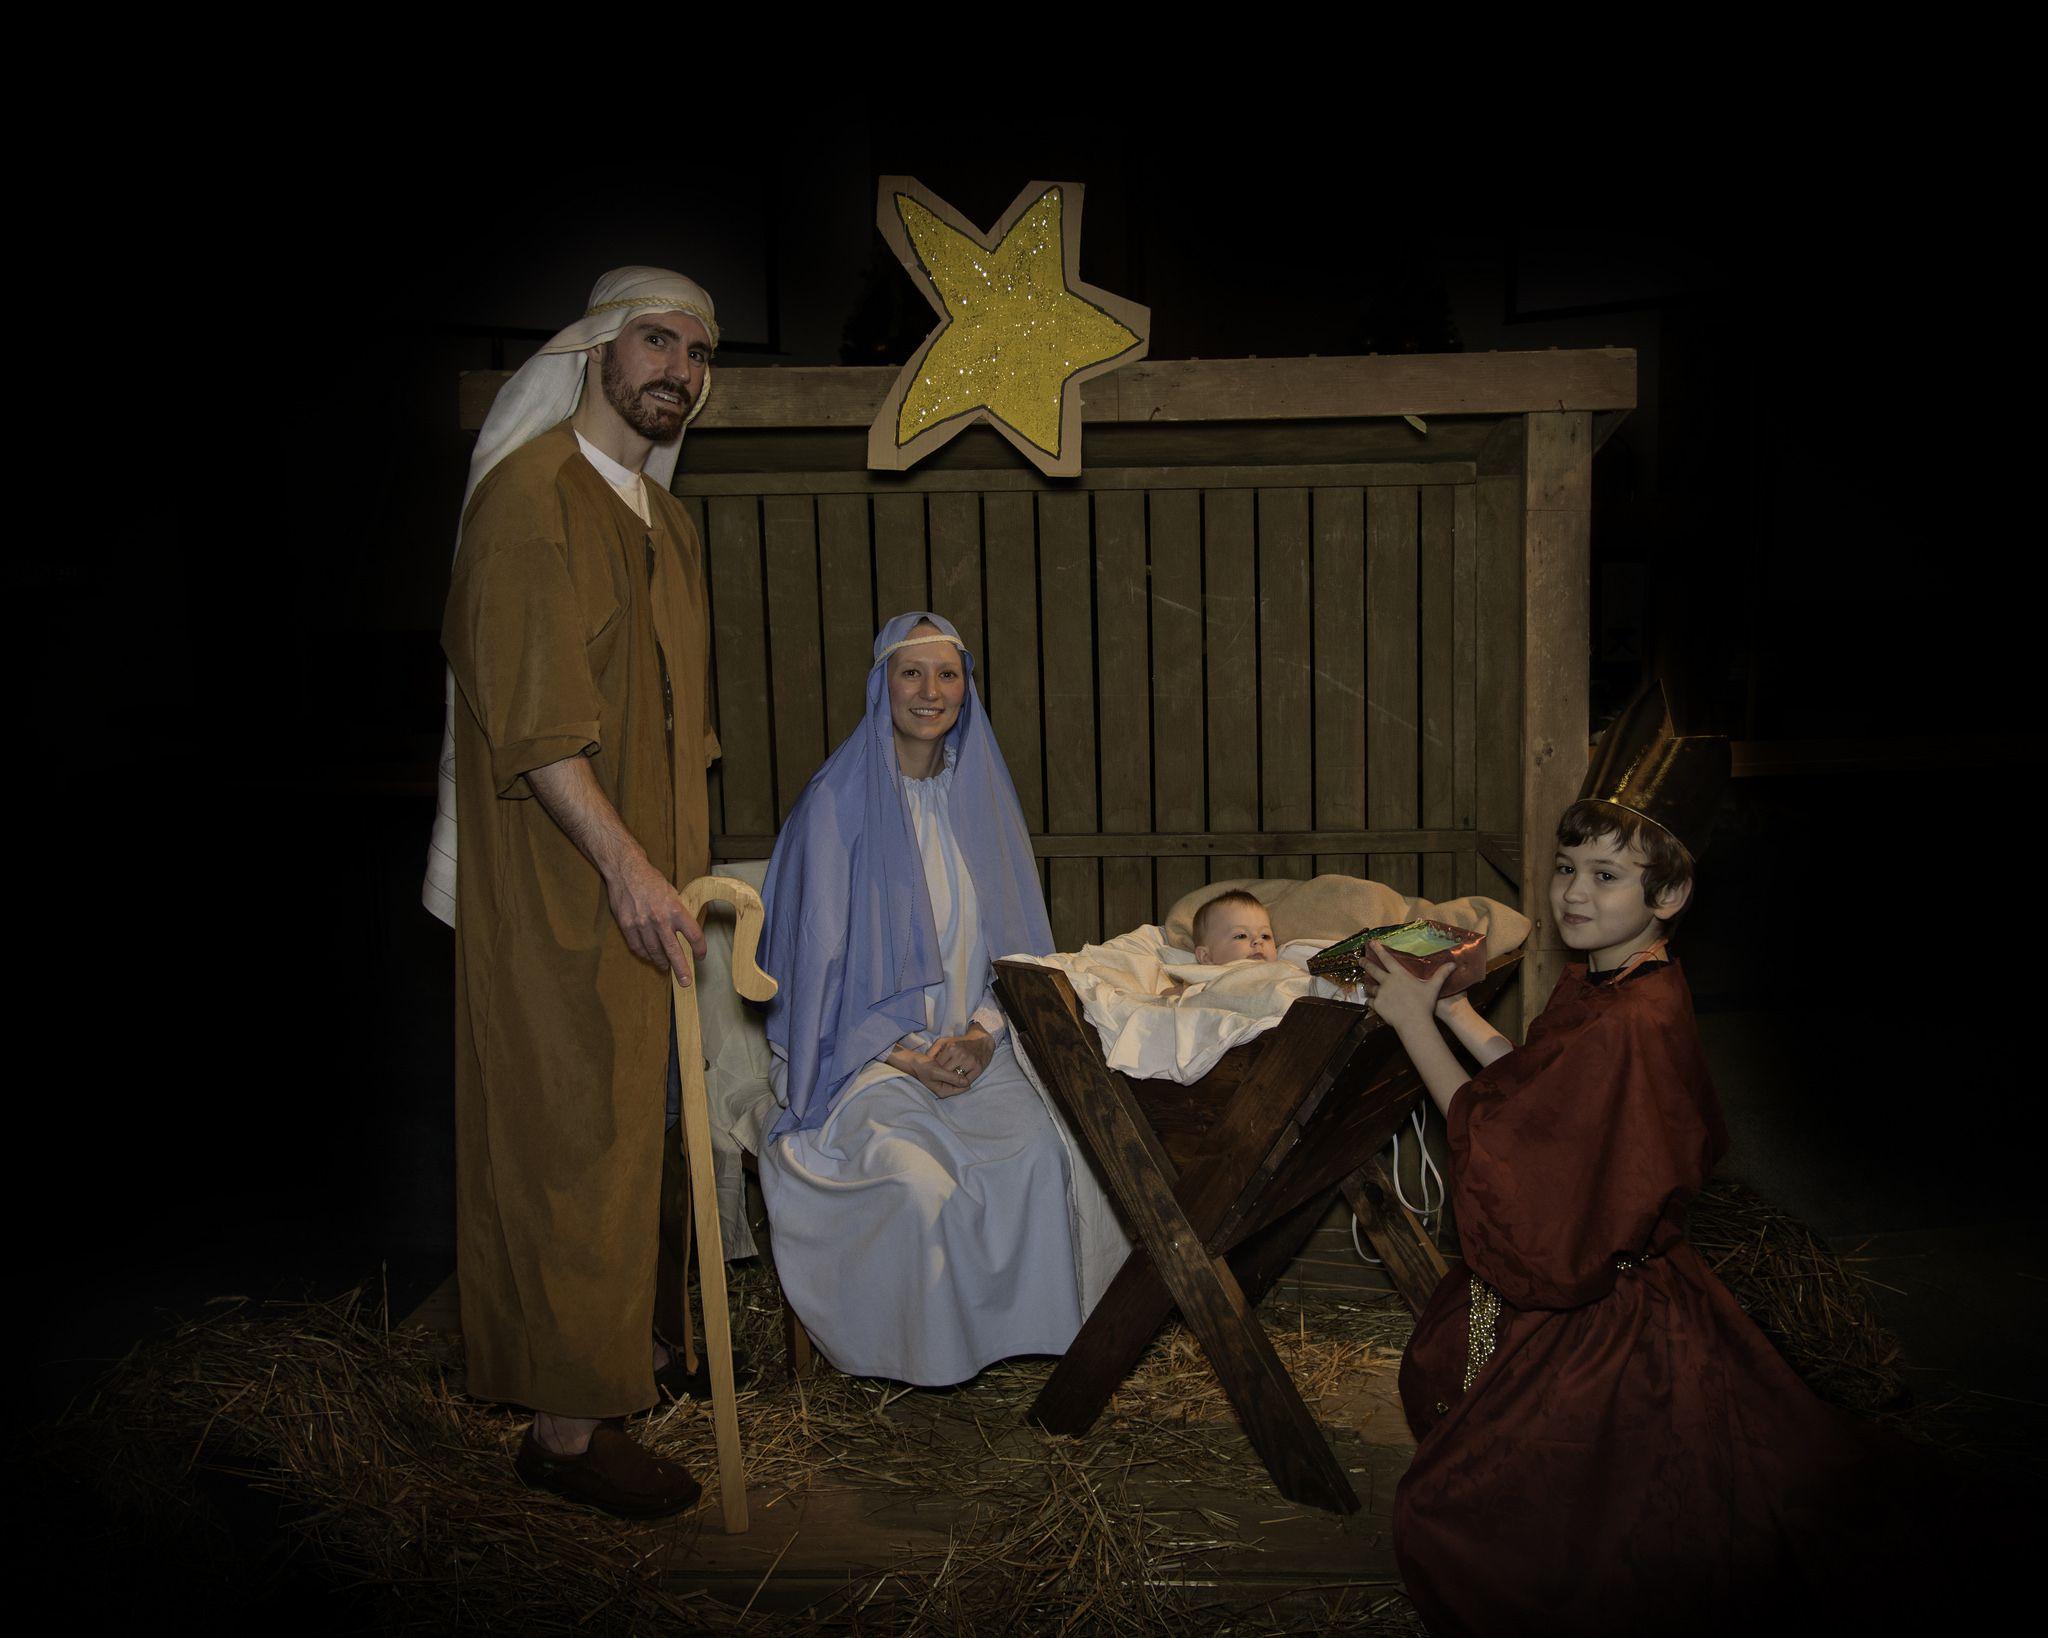 https://flic.kr/p/PJF4Va   Night in Bethlehem   Central Lutheran Church